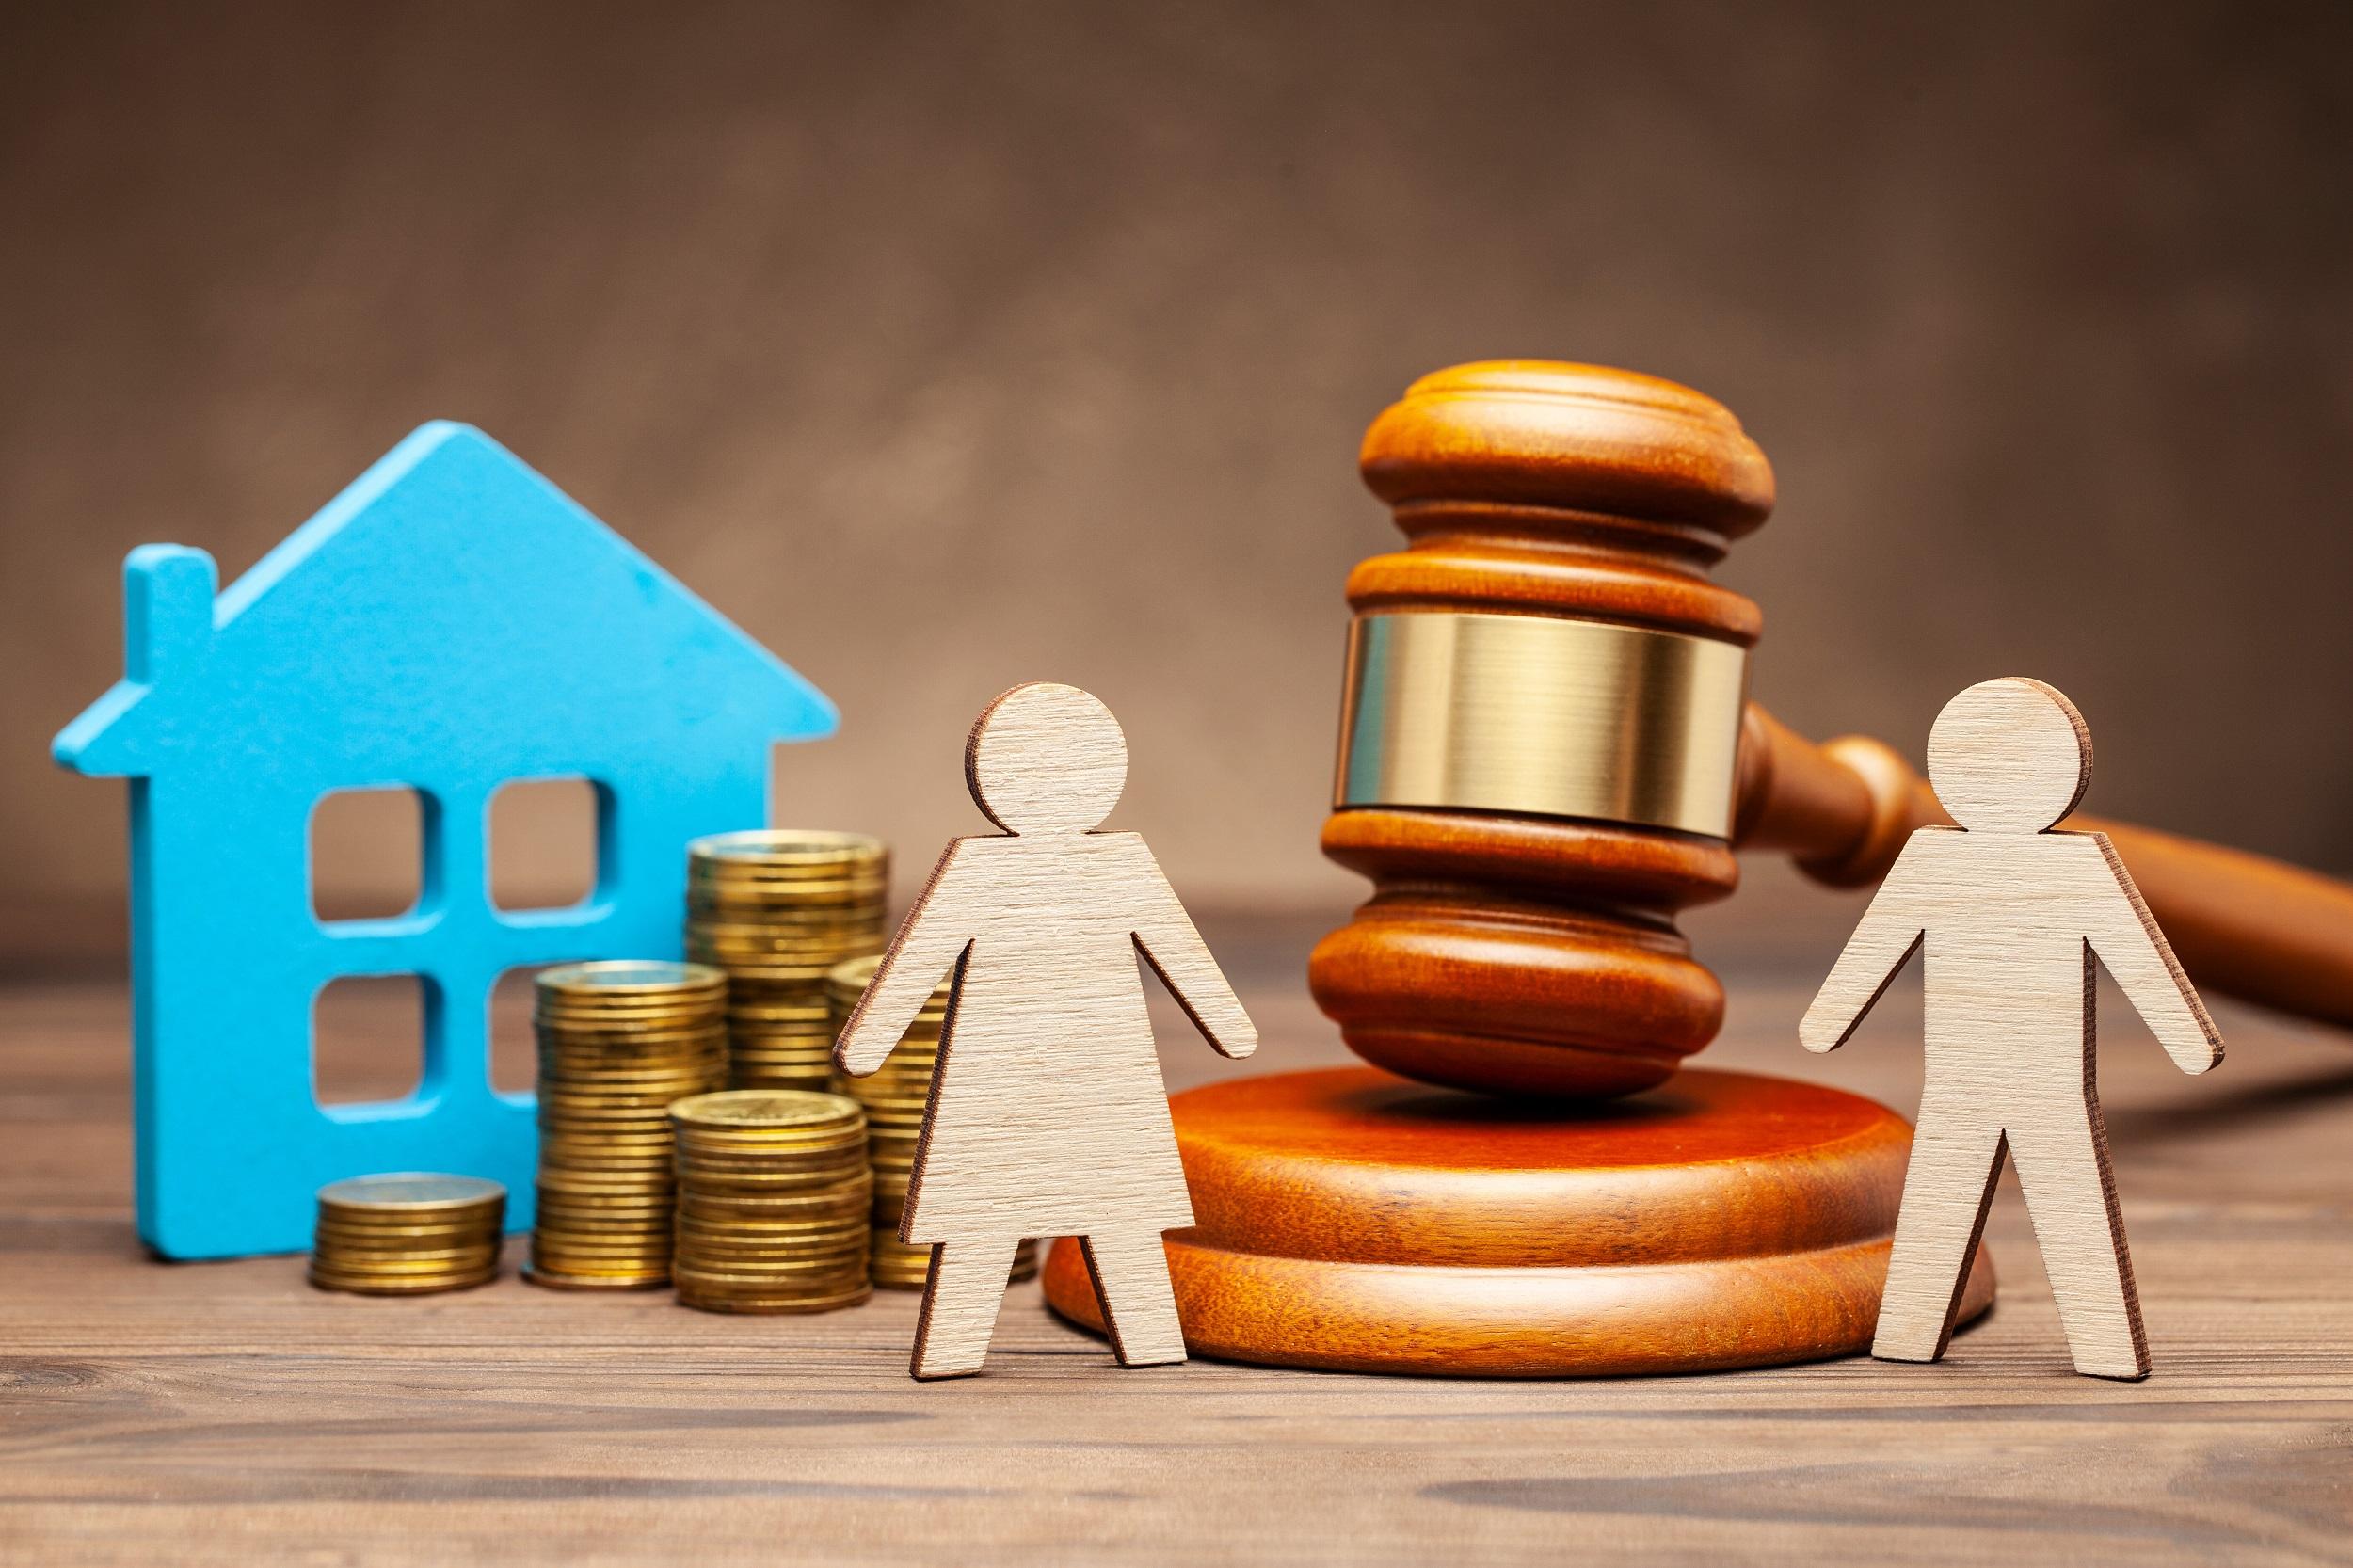 Společná hypotéka a rozvod. Jak v praxi řešit náročnou situaci?